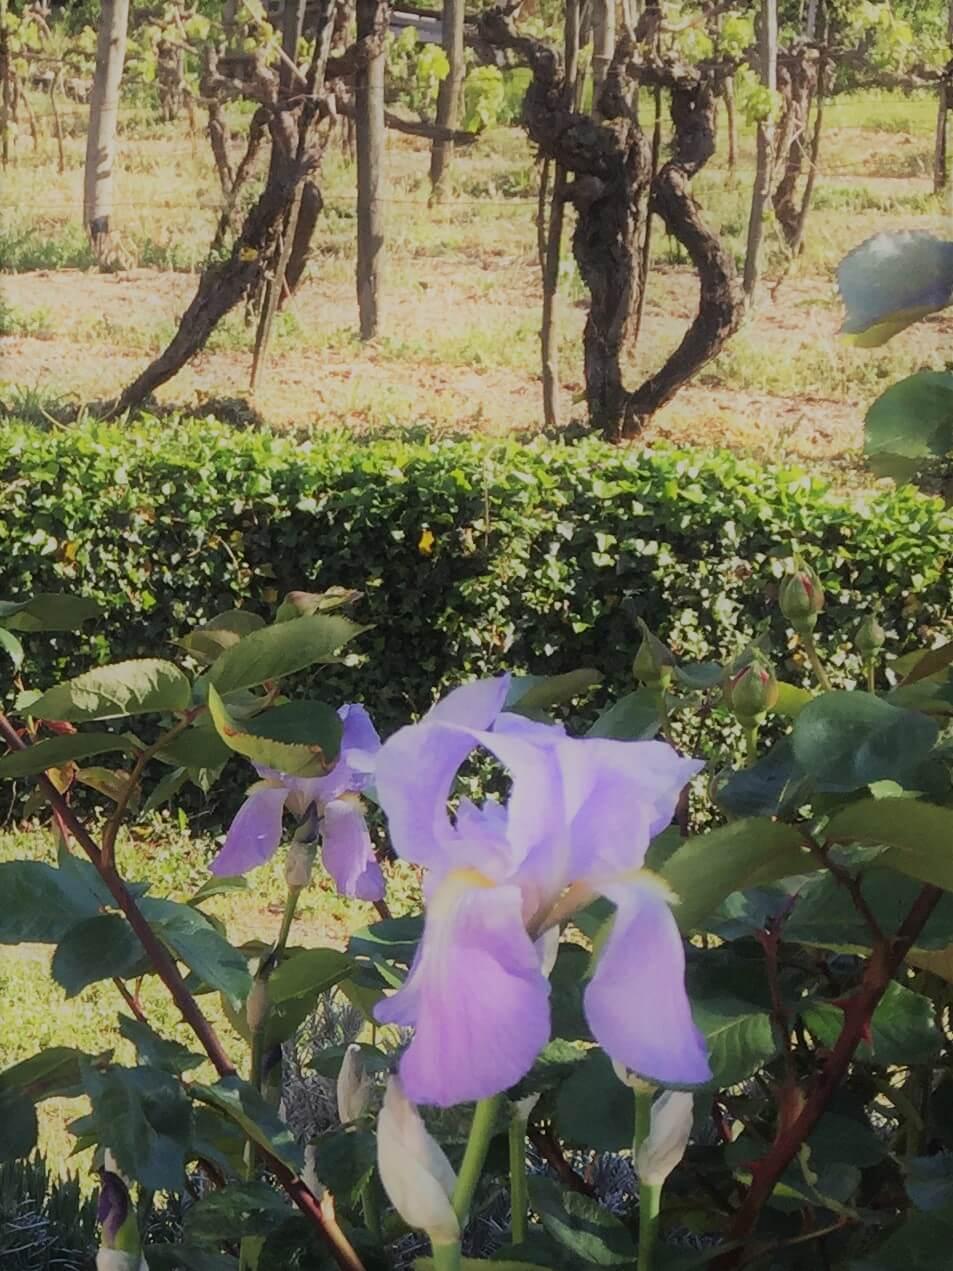 I mai står iris i blomst på vingården. Den lukter så godt og den er så vakker. For meg har blomsten en stor betydning. Det var navnet jeg ga min førstefødte, min eneste datter, som døde i magen før hun ble født i mai 2006. Hun hadde alvorlig ryggmargsbrokk, som kan forebygges om kvinner tar folsyre før de blir gravide.